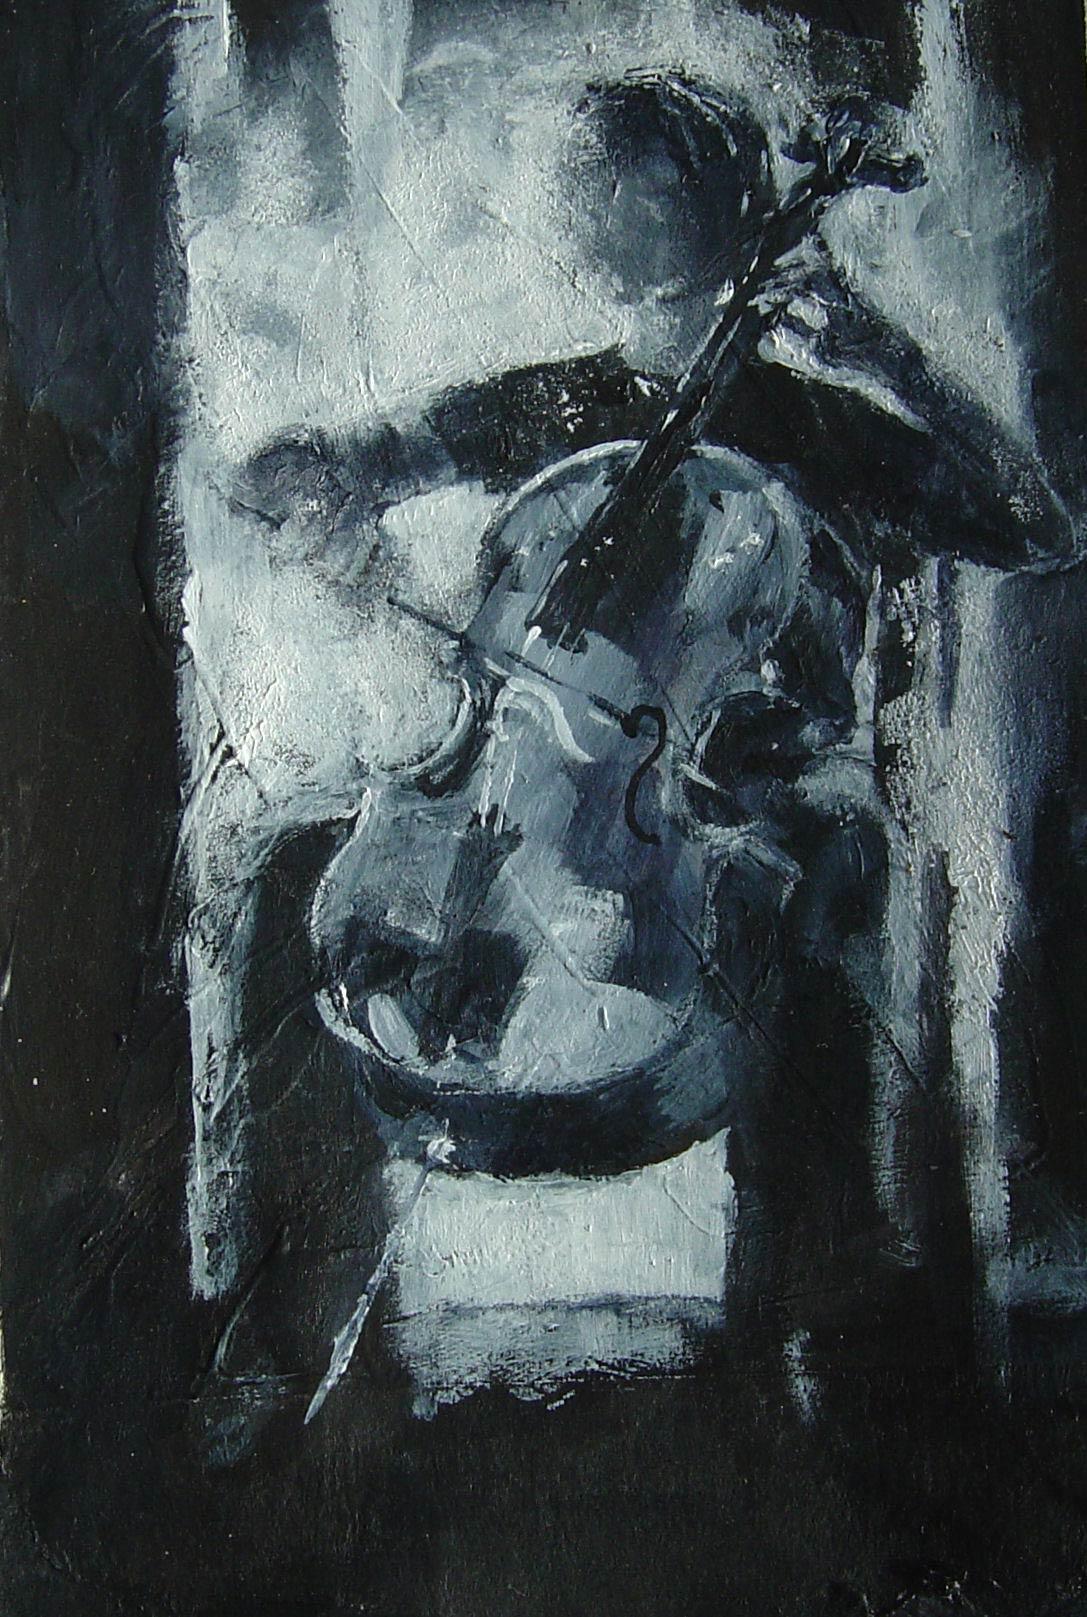 Bach Allemande 17.5 x 13.5 cm